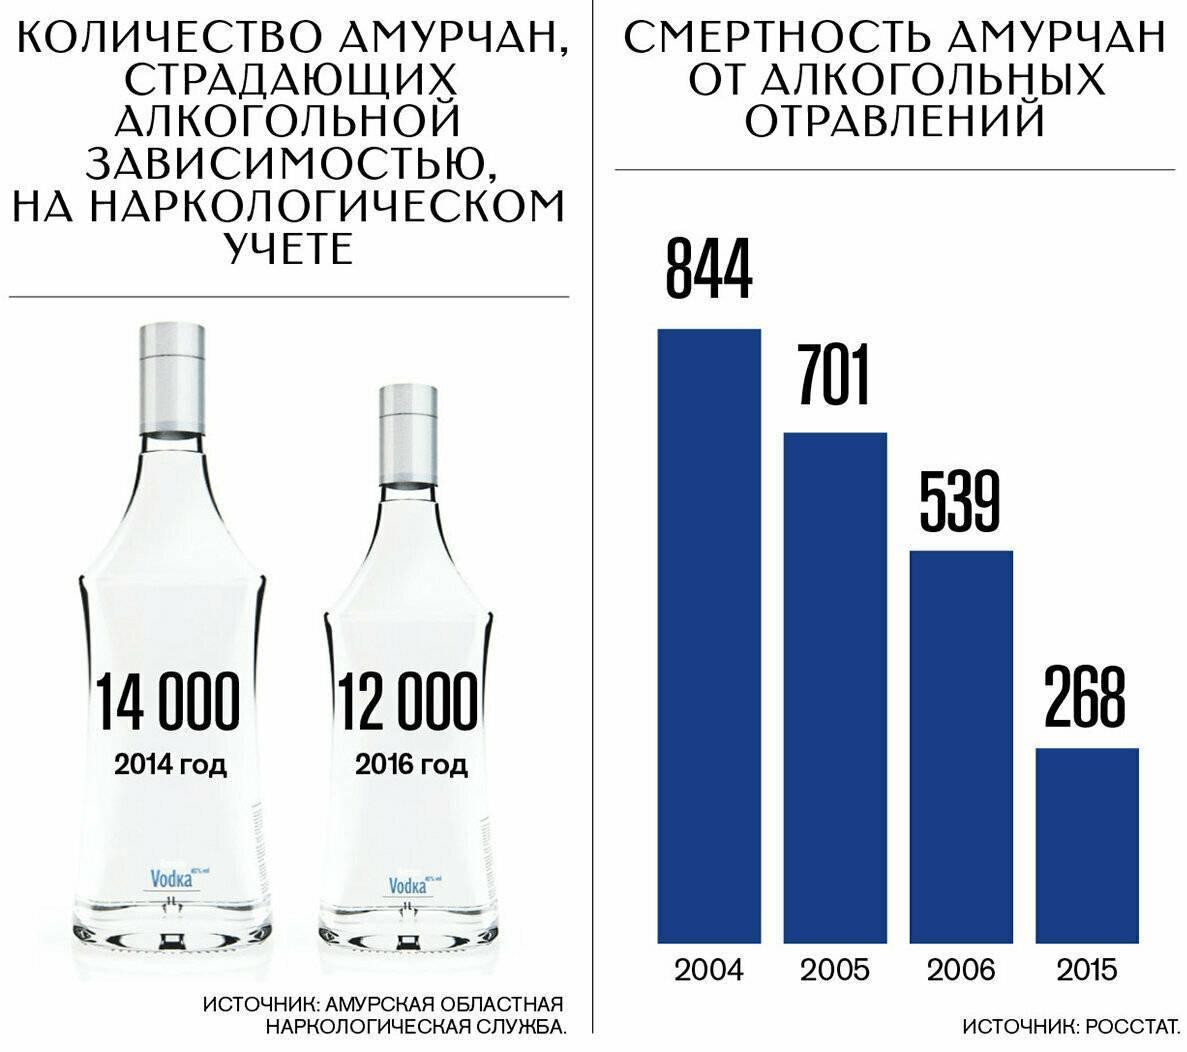 Чем можно заменить алкоголь в жизни, чтобы бросить пить